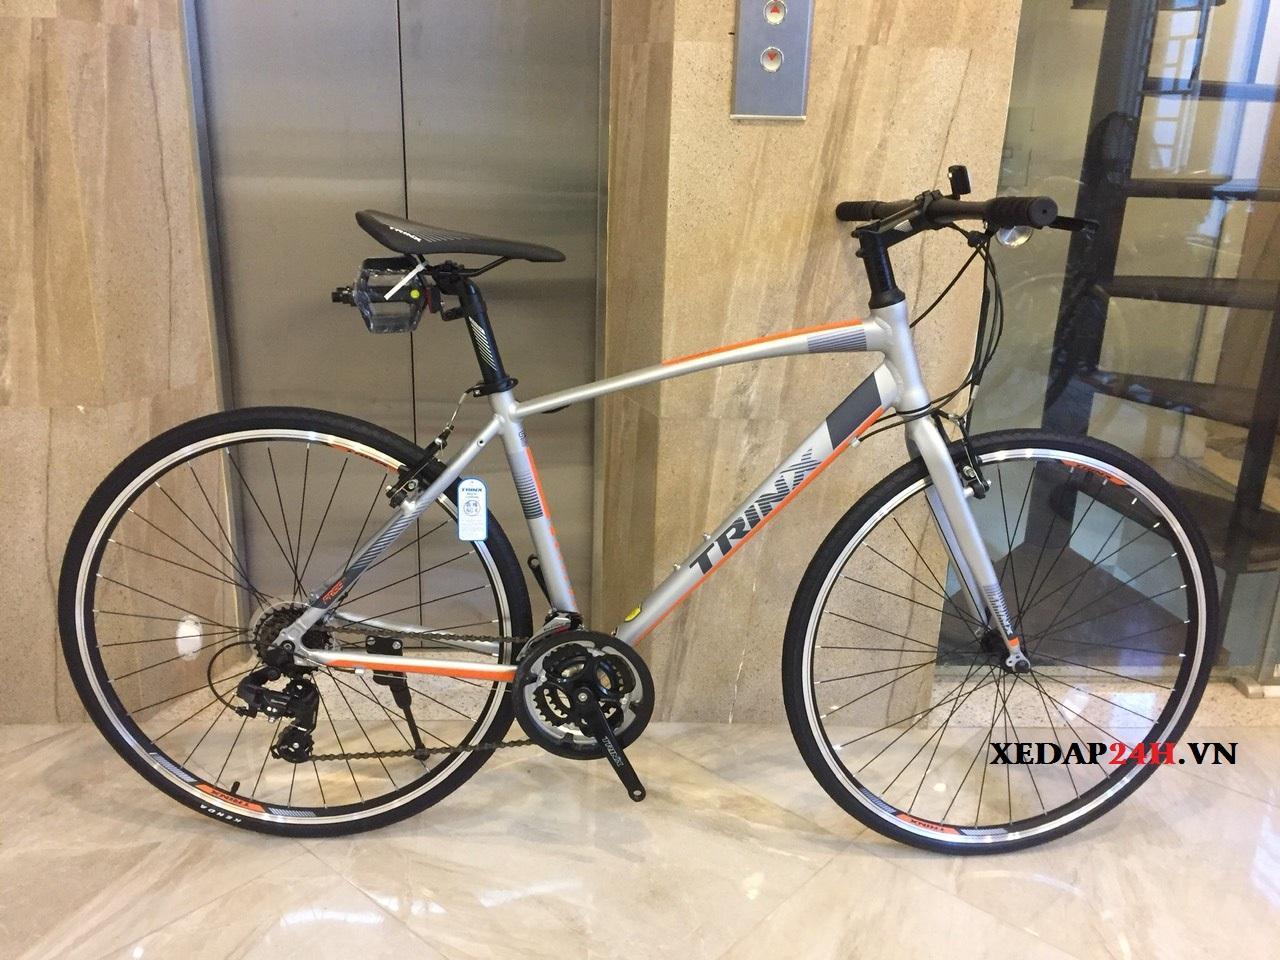 Mua xe đạp thể thao thành phố TRINX FREE 1.0 2020